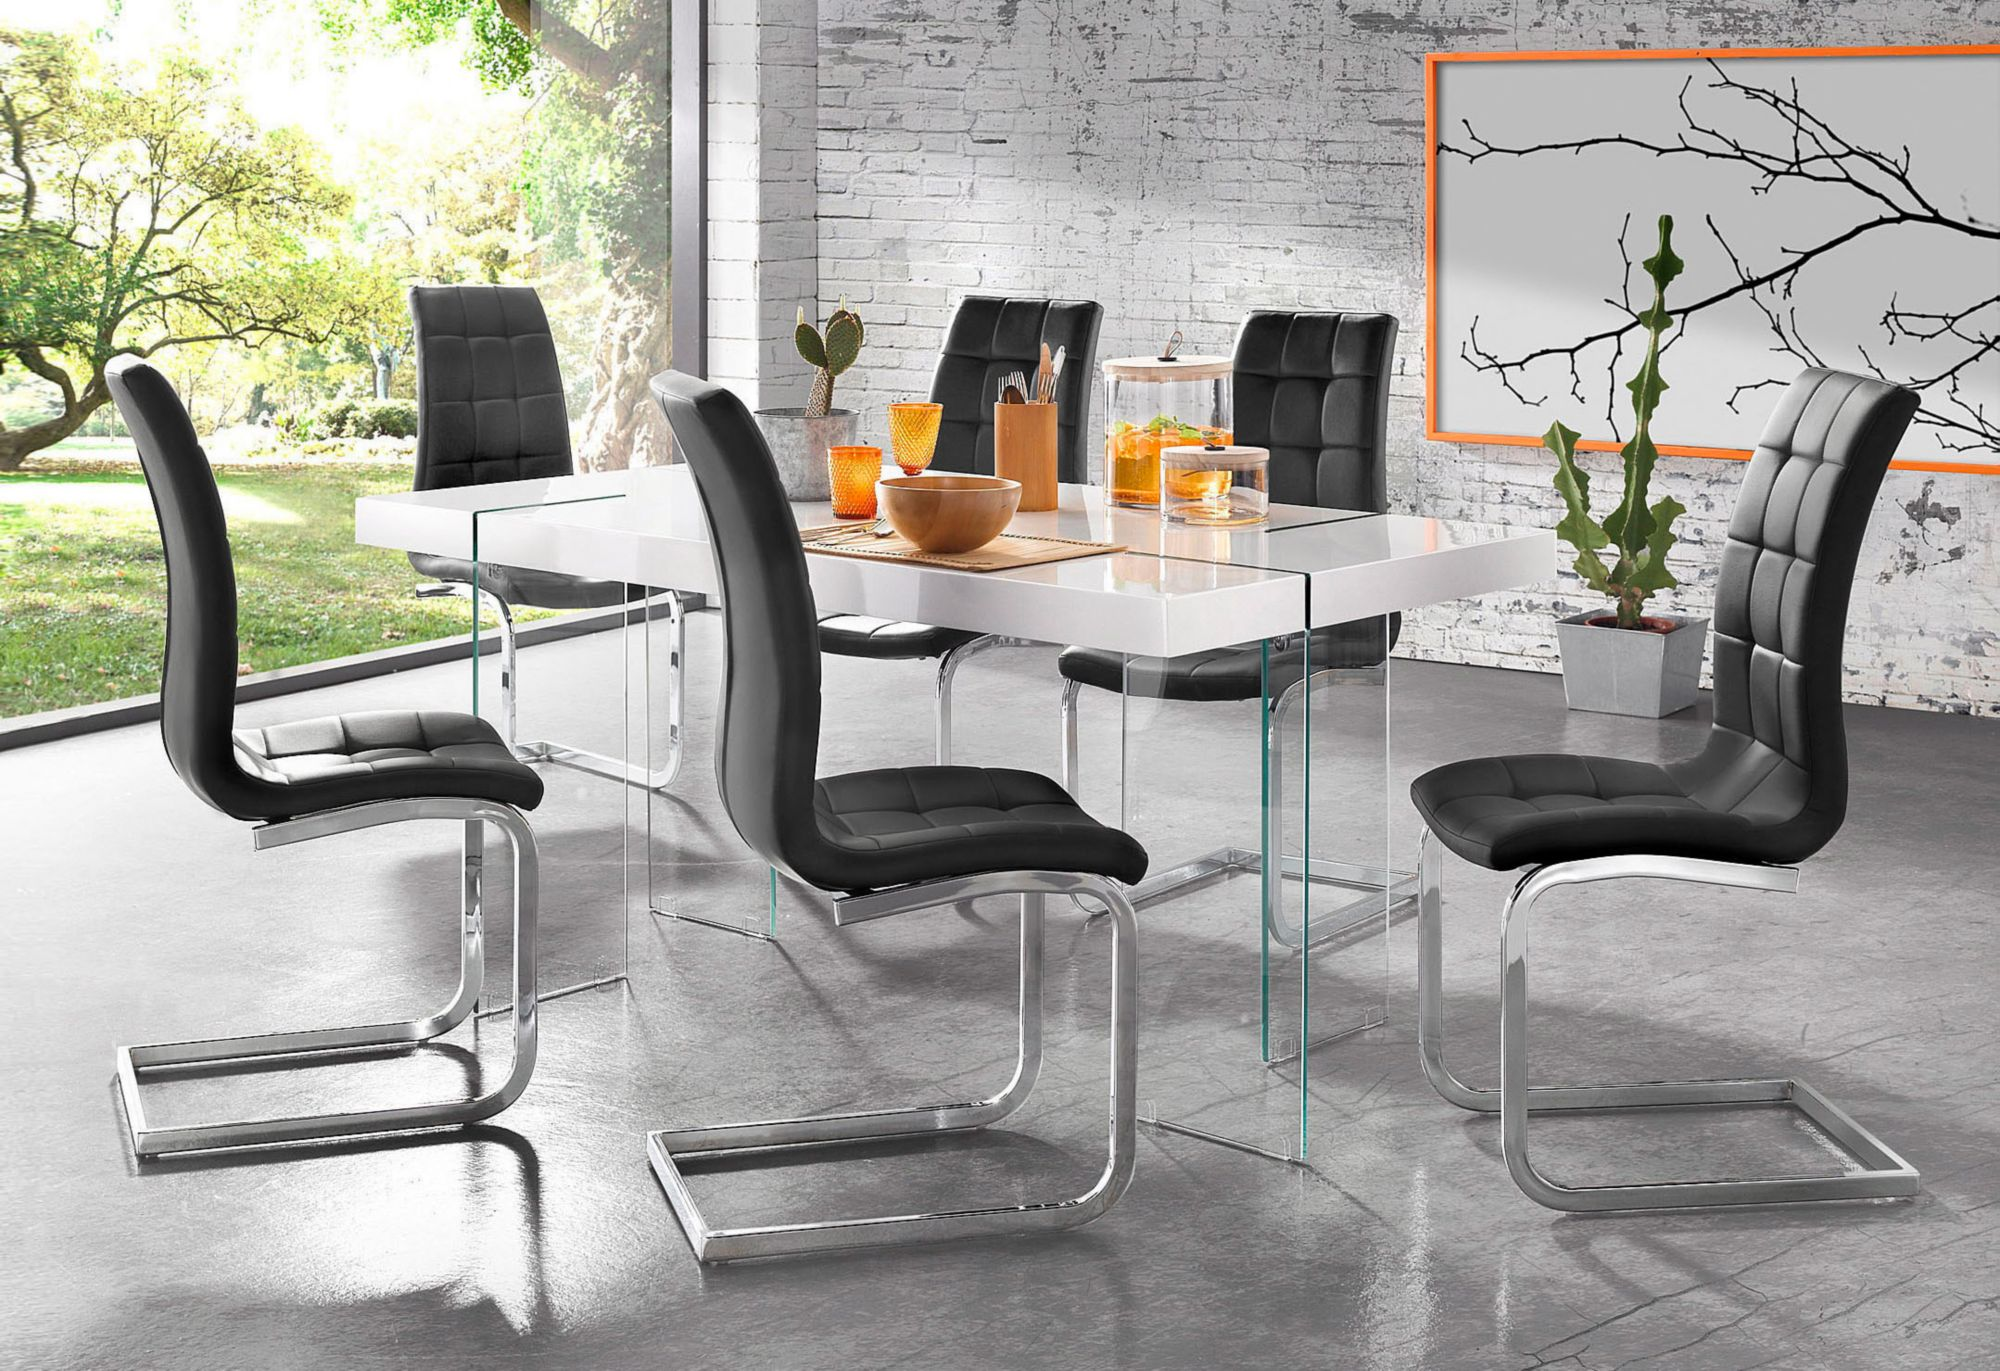 esstisch breite 160 cm schwab versand rechteckige esstische. Black Bedroom Furniture Sets. Home Design Ideas